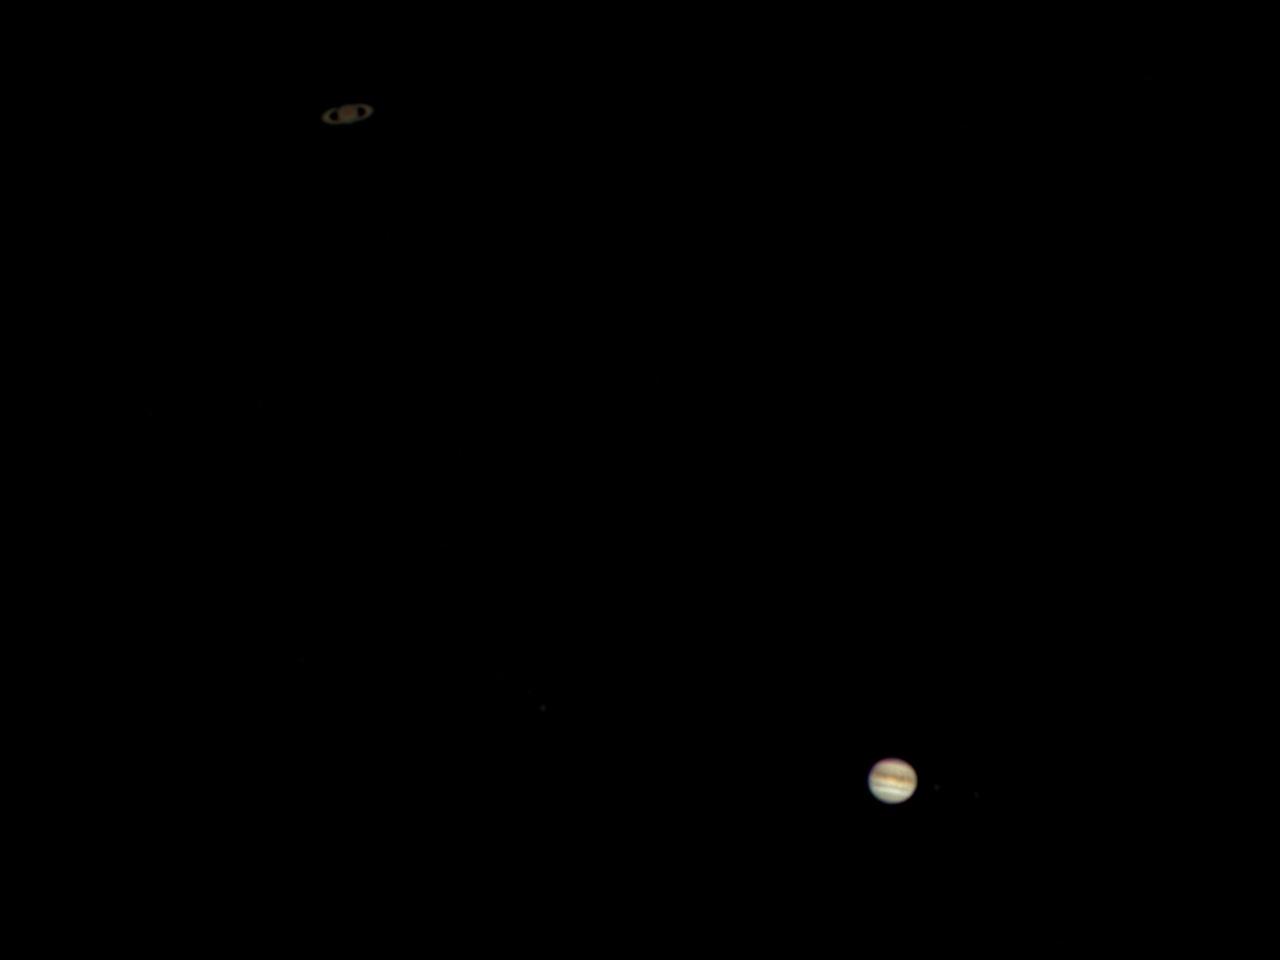 Jupiter_saturne_2020_12_20_181117_181223.jpg.9985ef19ea6ffb4b487647270dd97e98.jpg